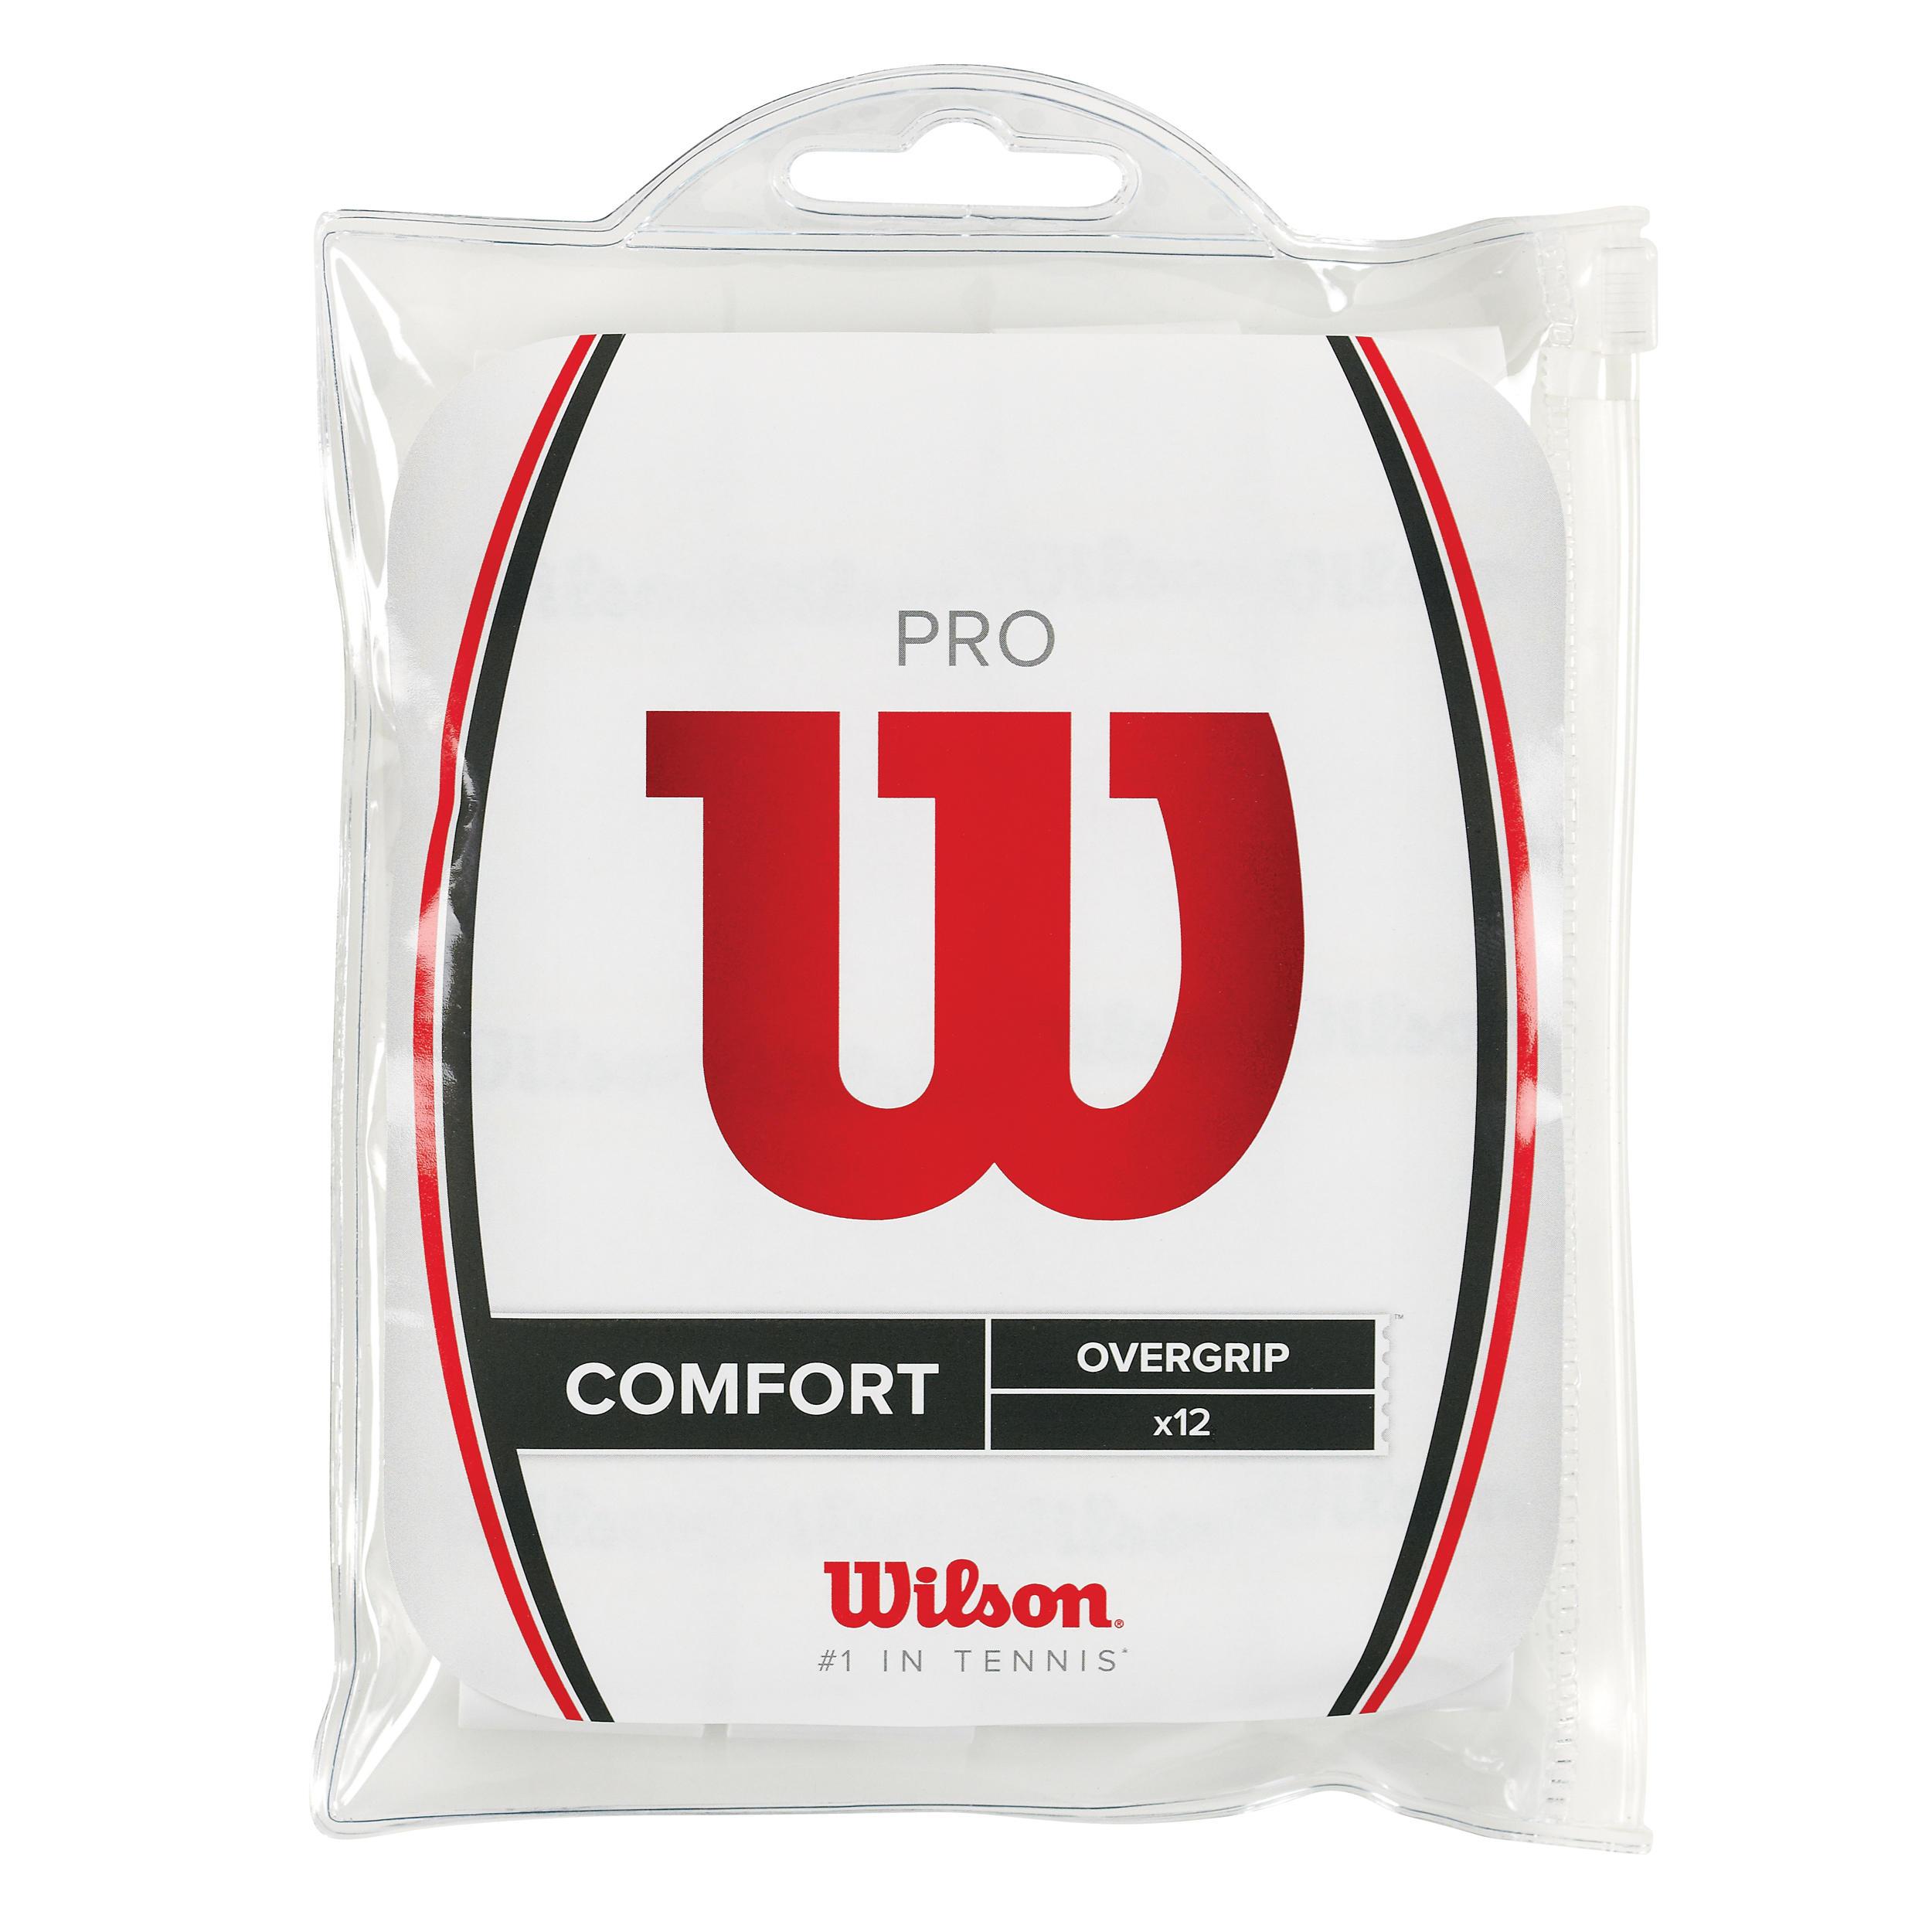 Overgrip Wilson Pro*12